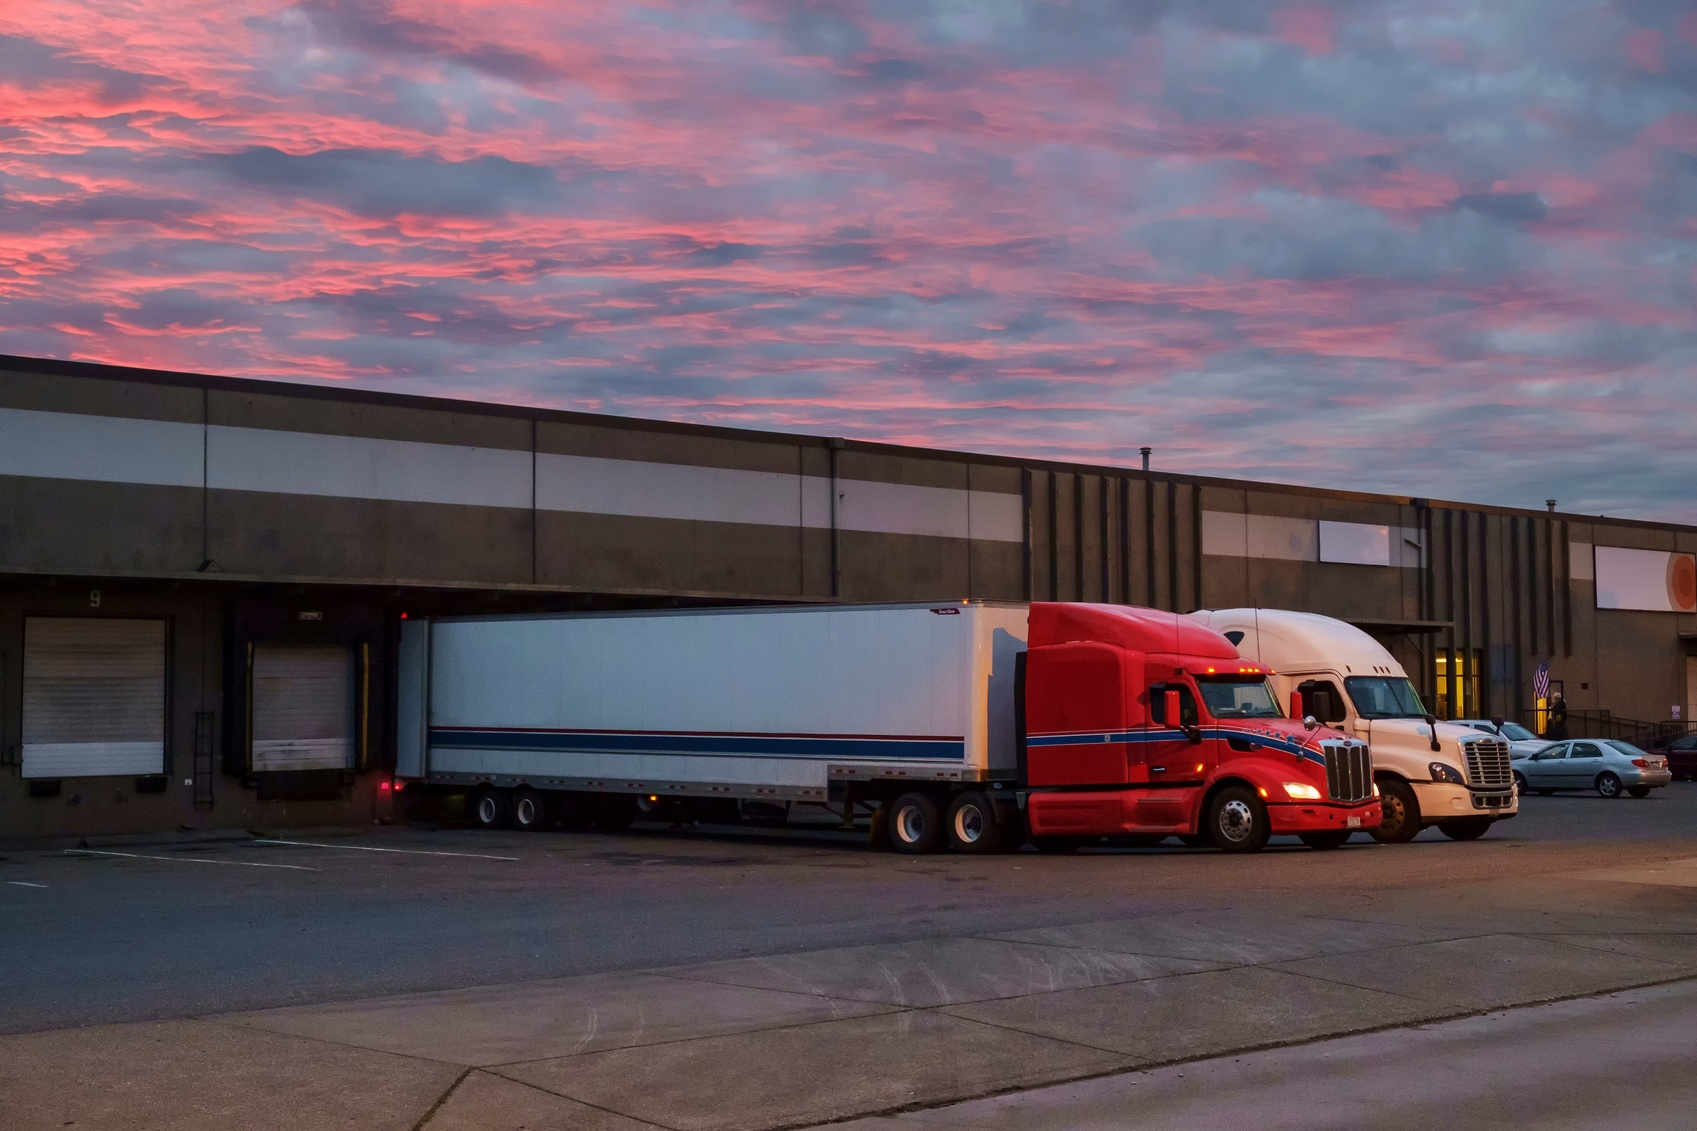 Docked semi trucks